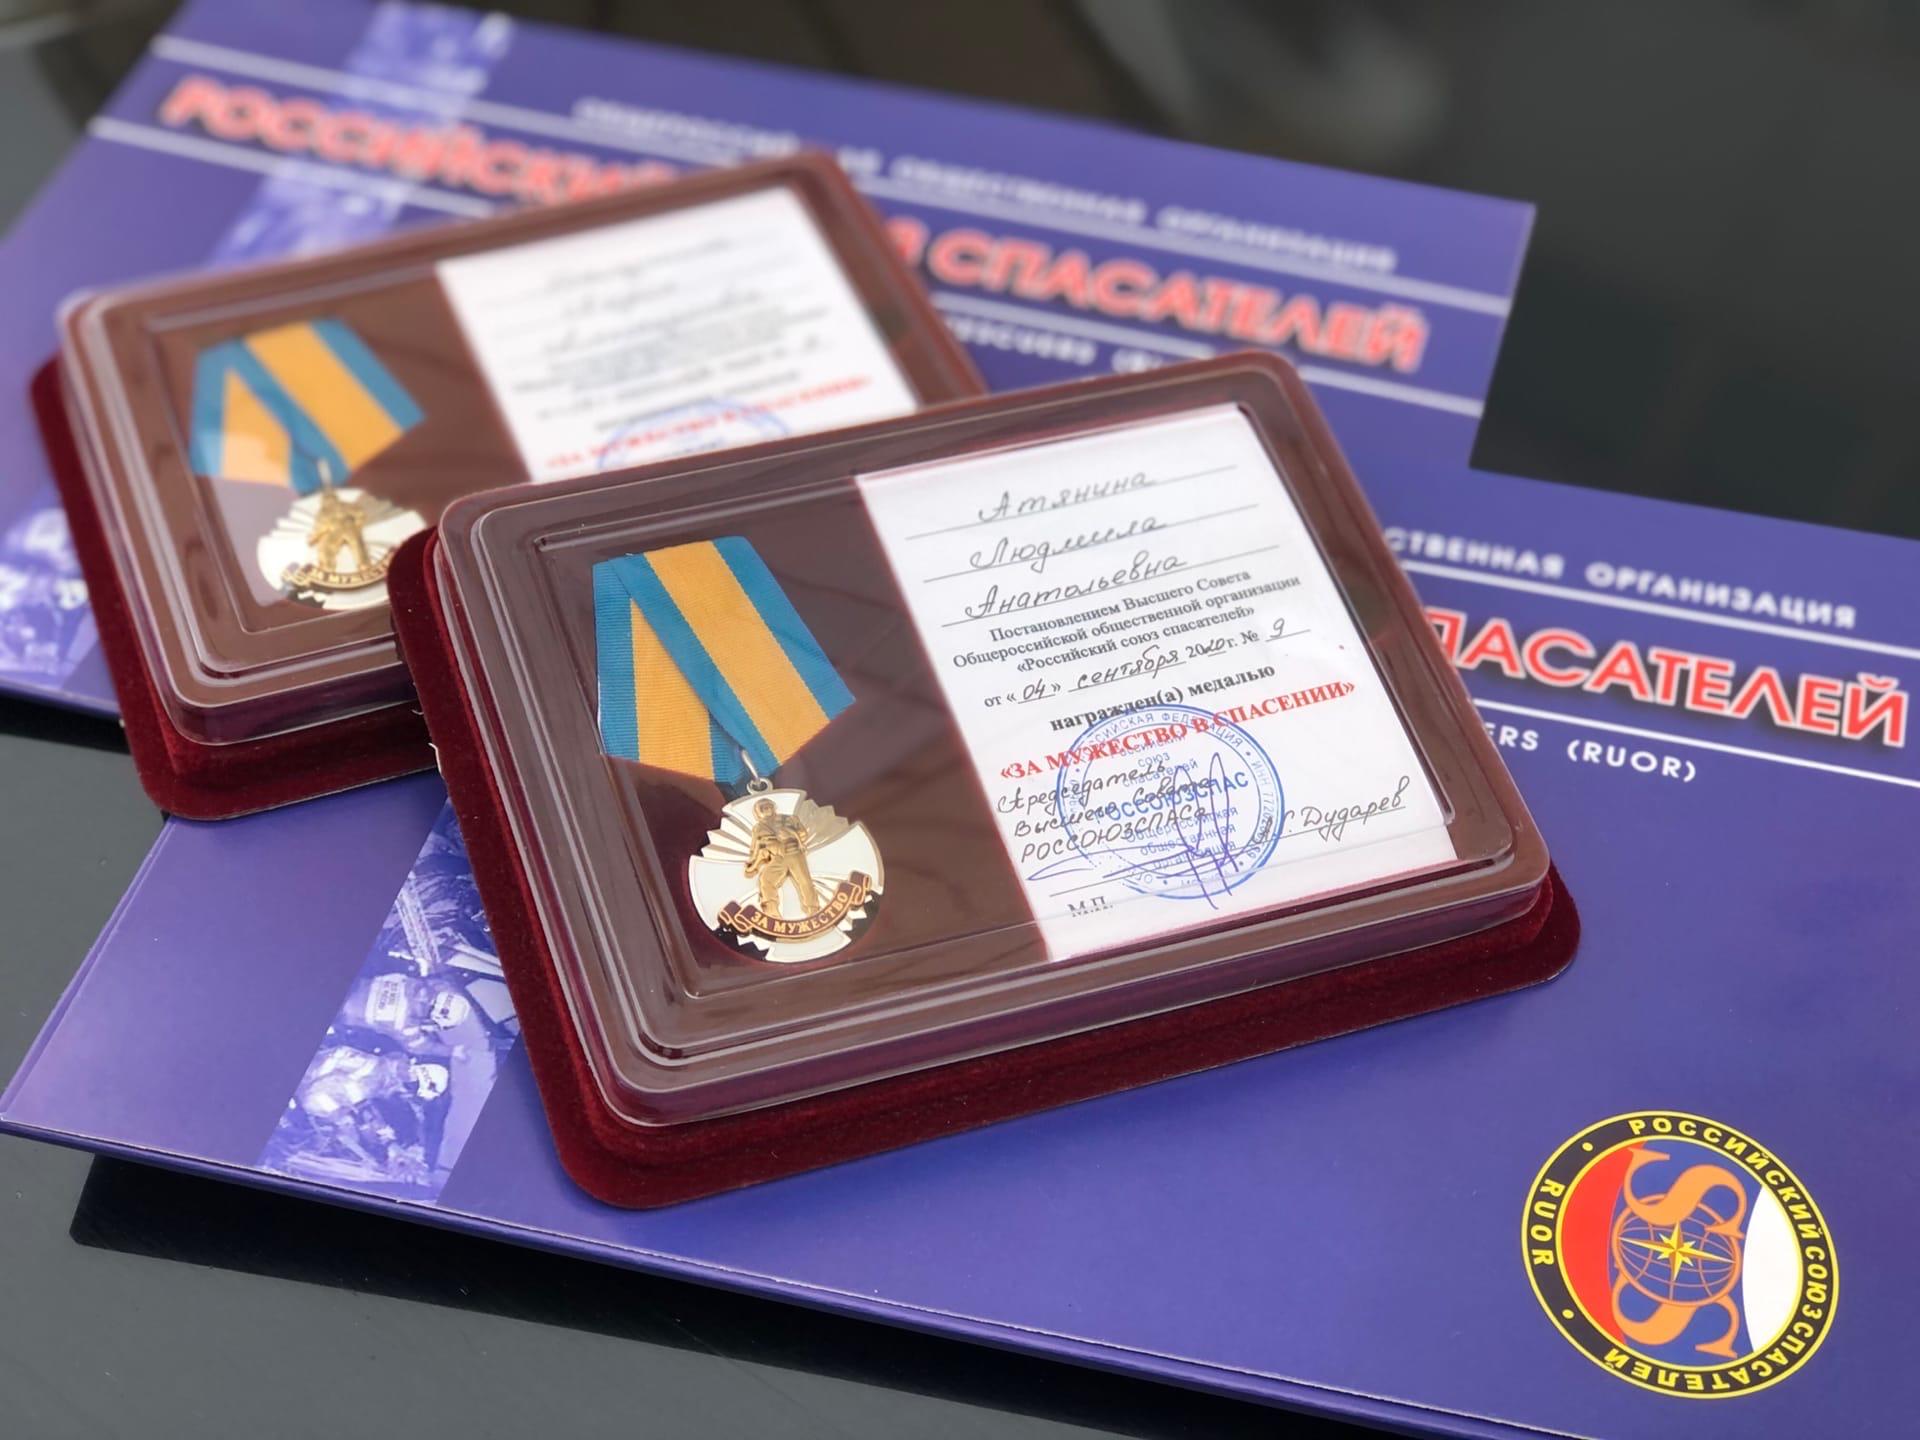 Тамбовским медикам вручили награды Российского союза спасателей